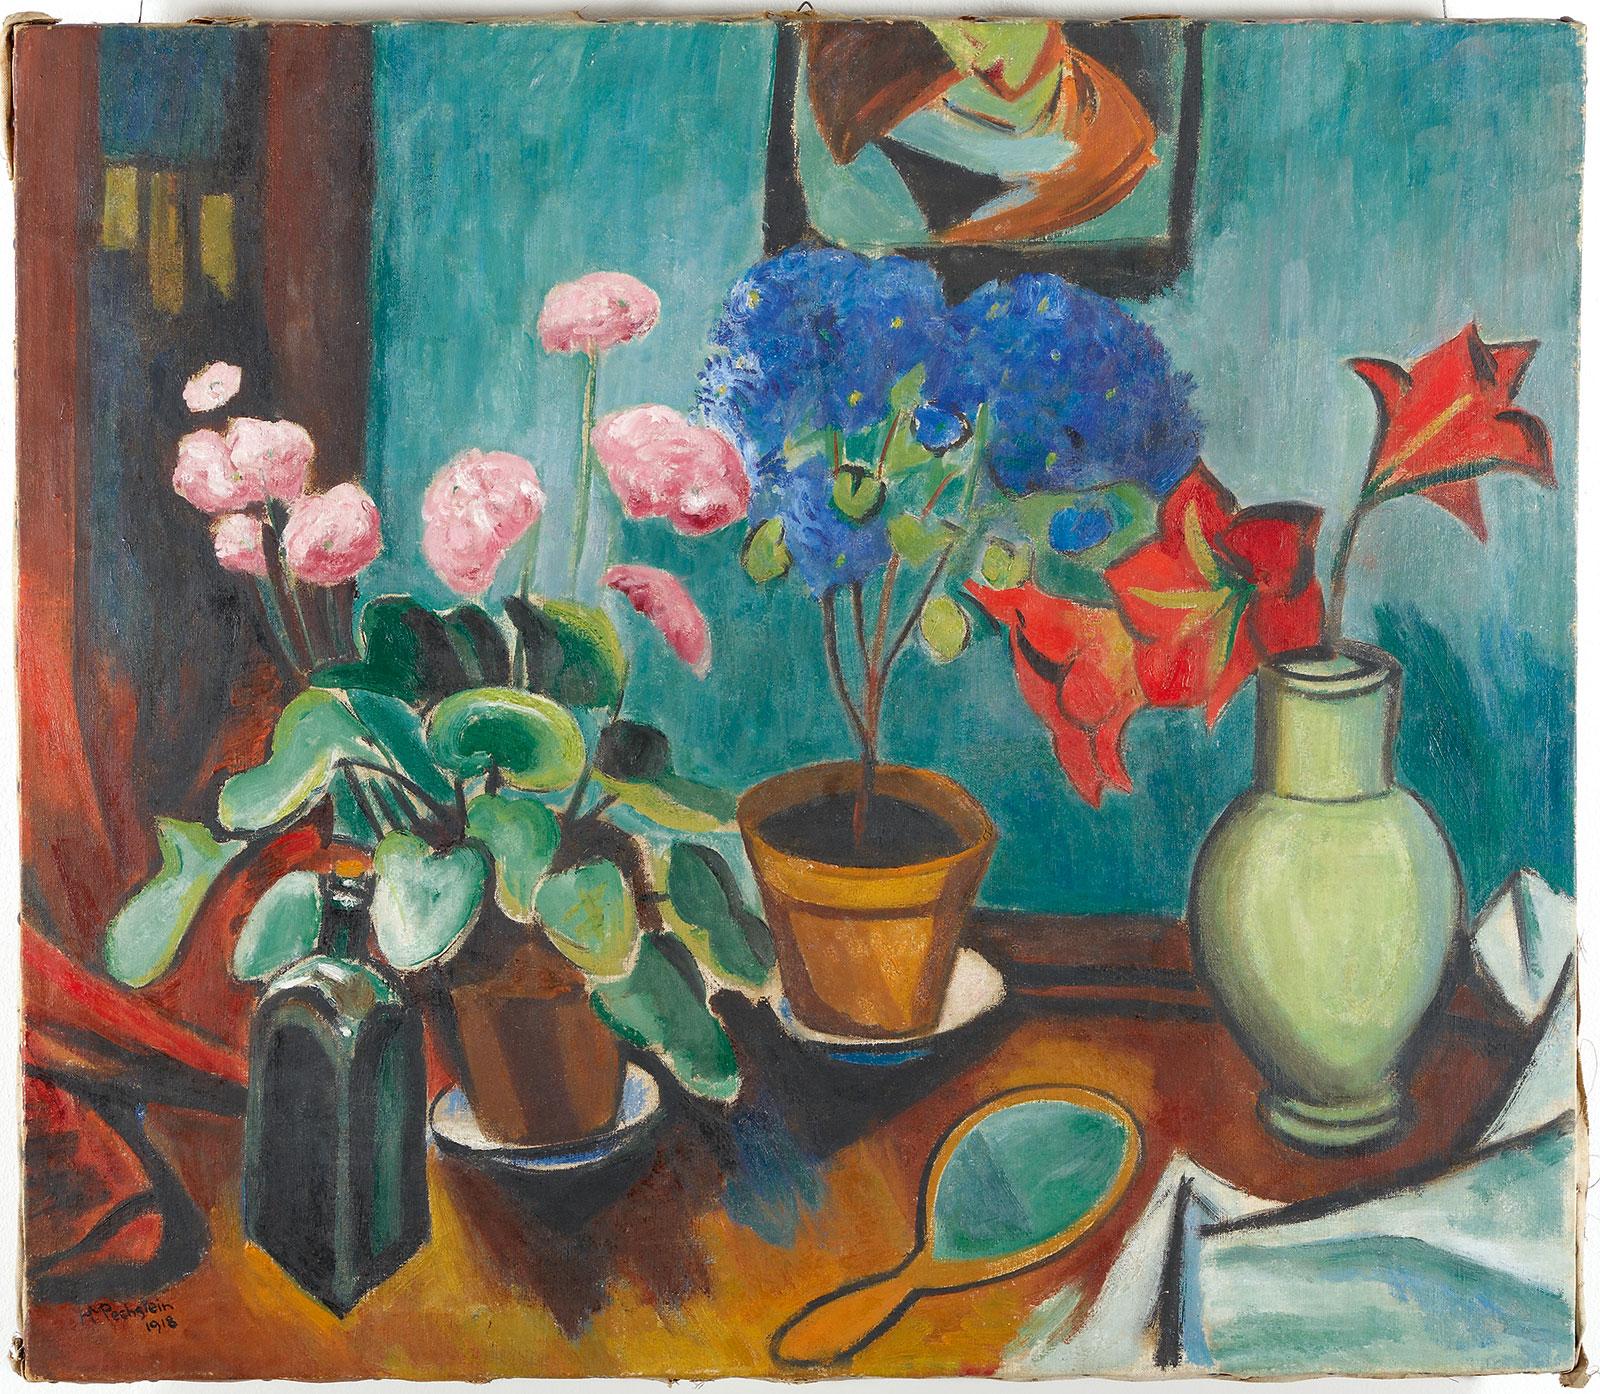 Max Pechstein, Blumen, Flasche und Spiegel, 1918